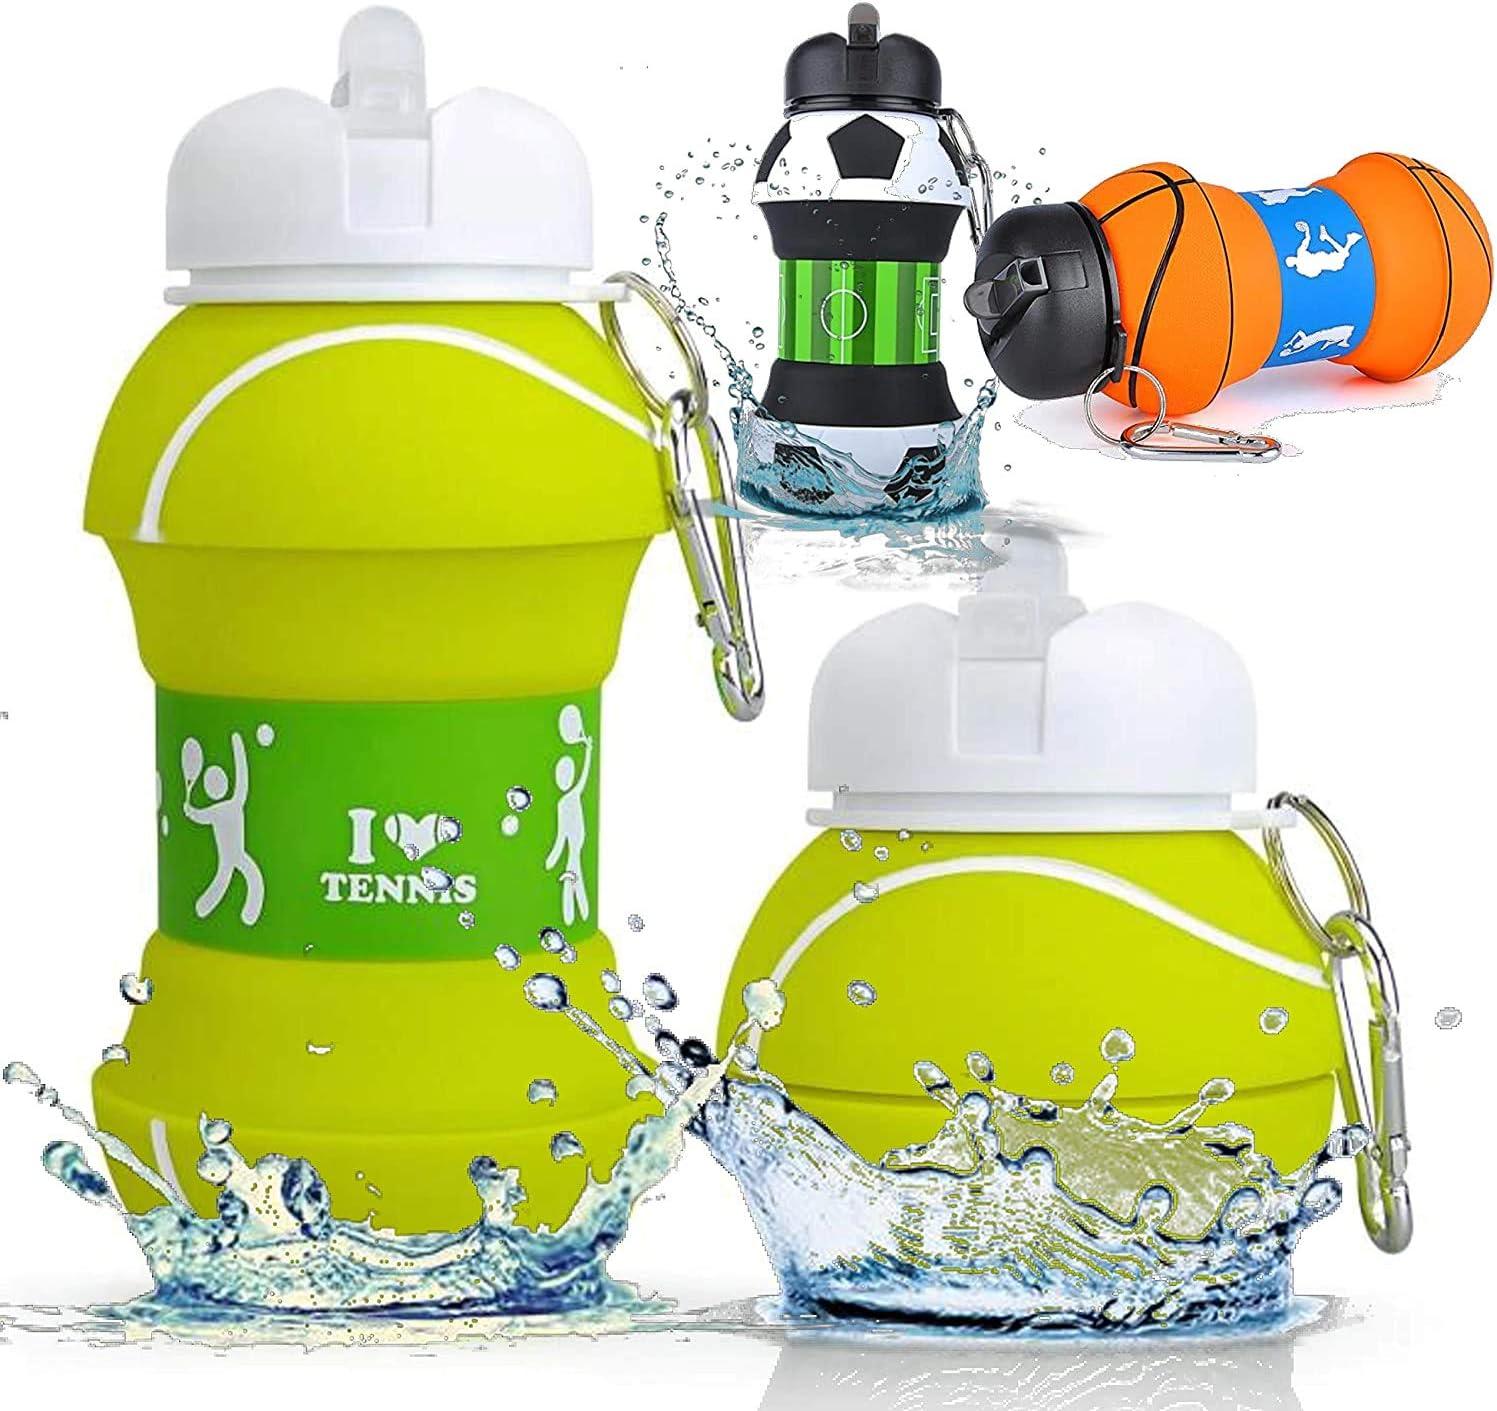 Botella Agua Silicona Diseño Tenis y Deporte - Niños, Niñas y Adultos- Plegable - Libre de BPA - Muy Resistente - Agua Limpia y Pura - 550ml